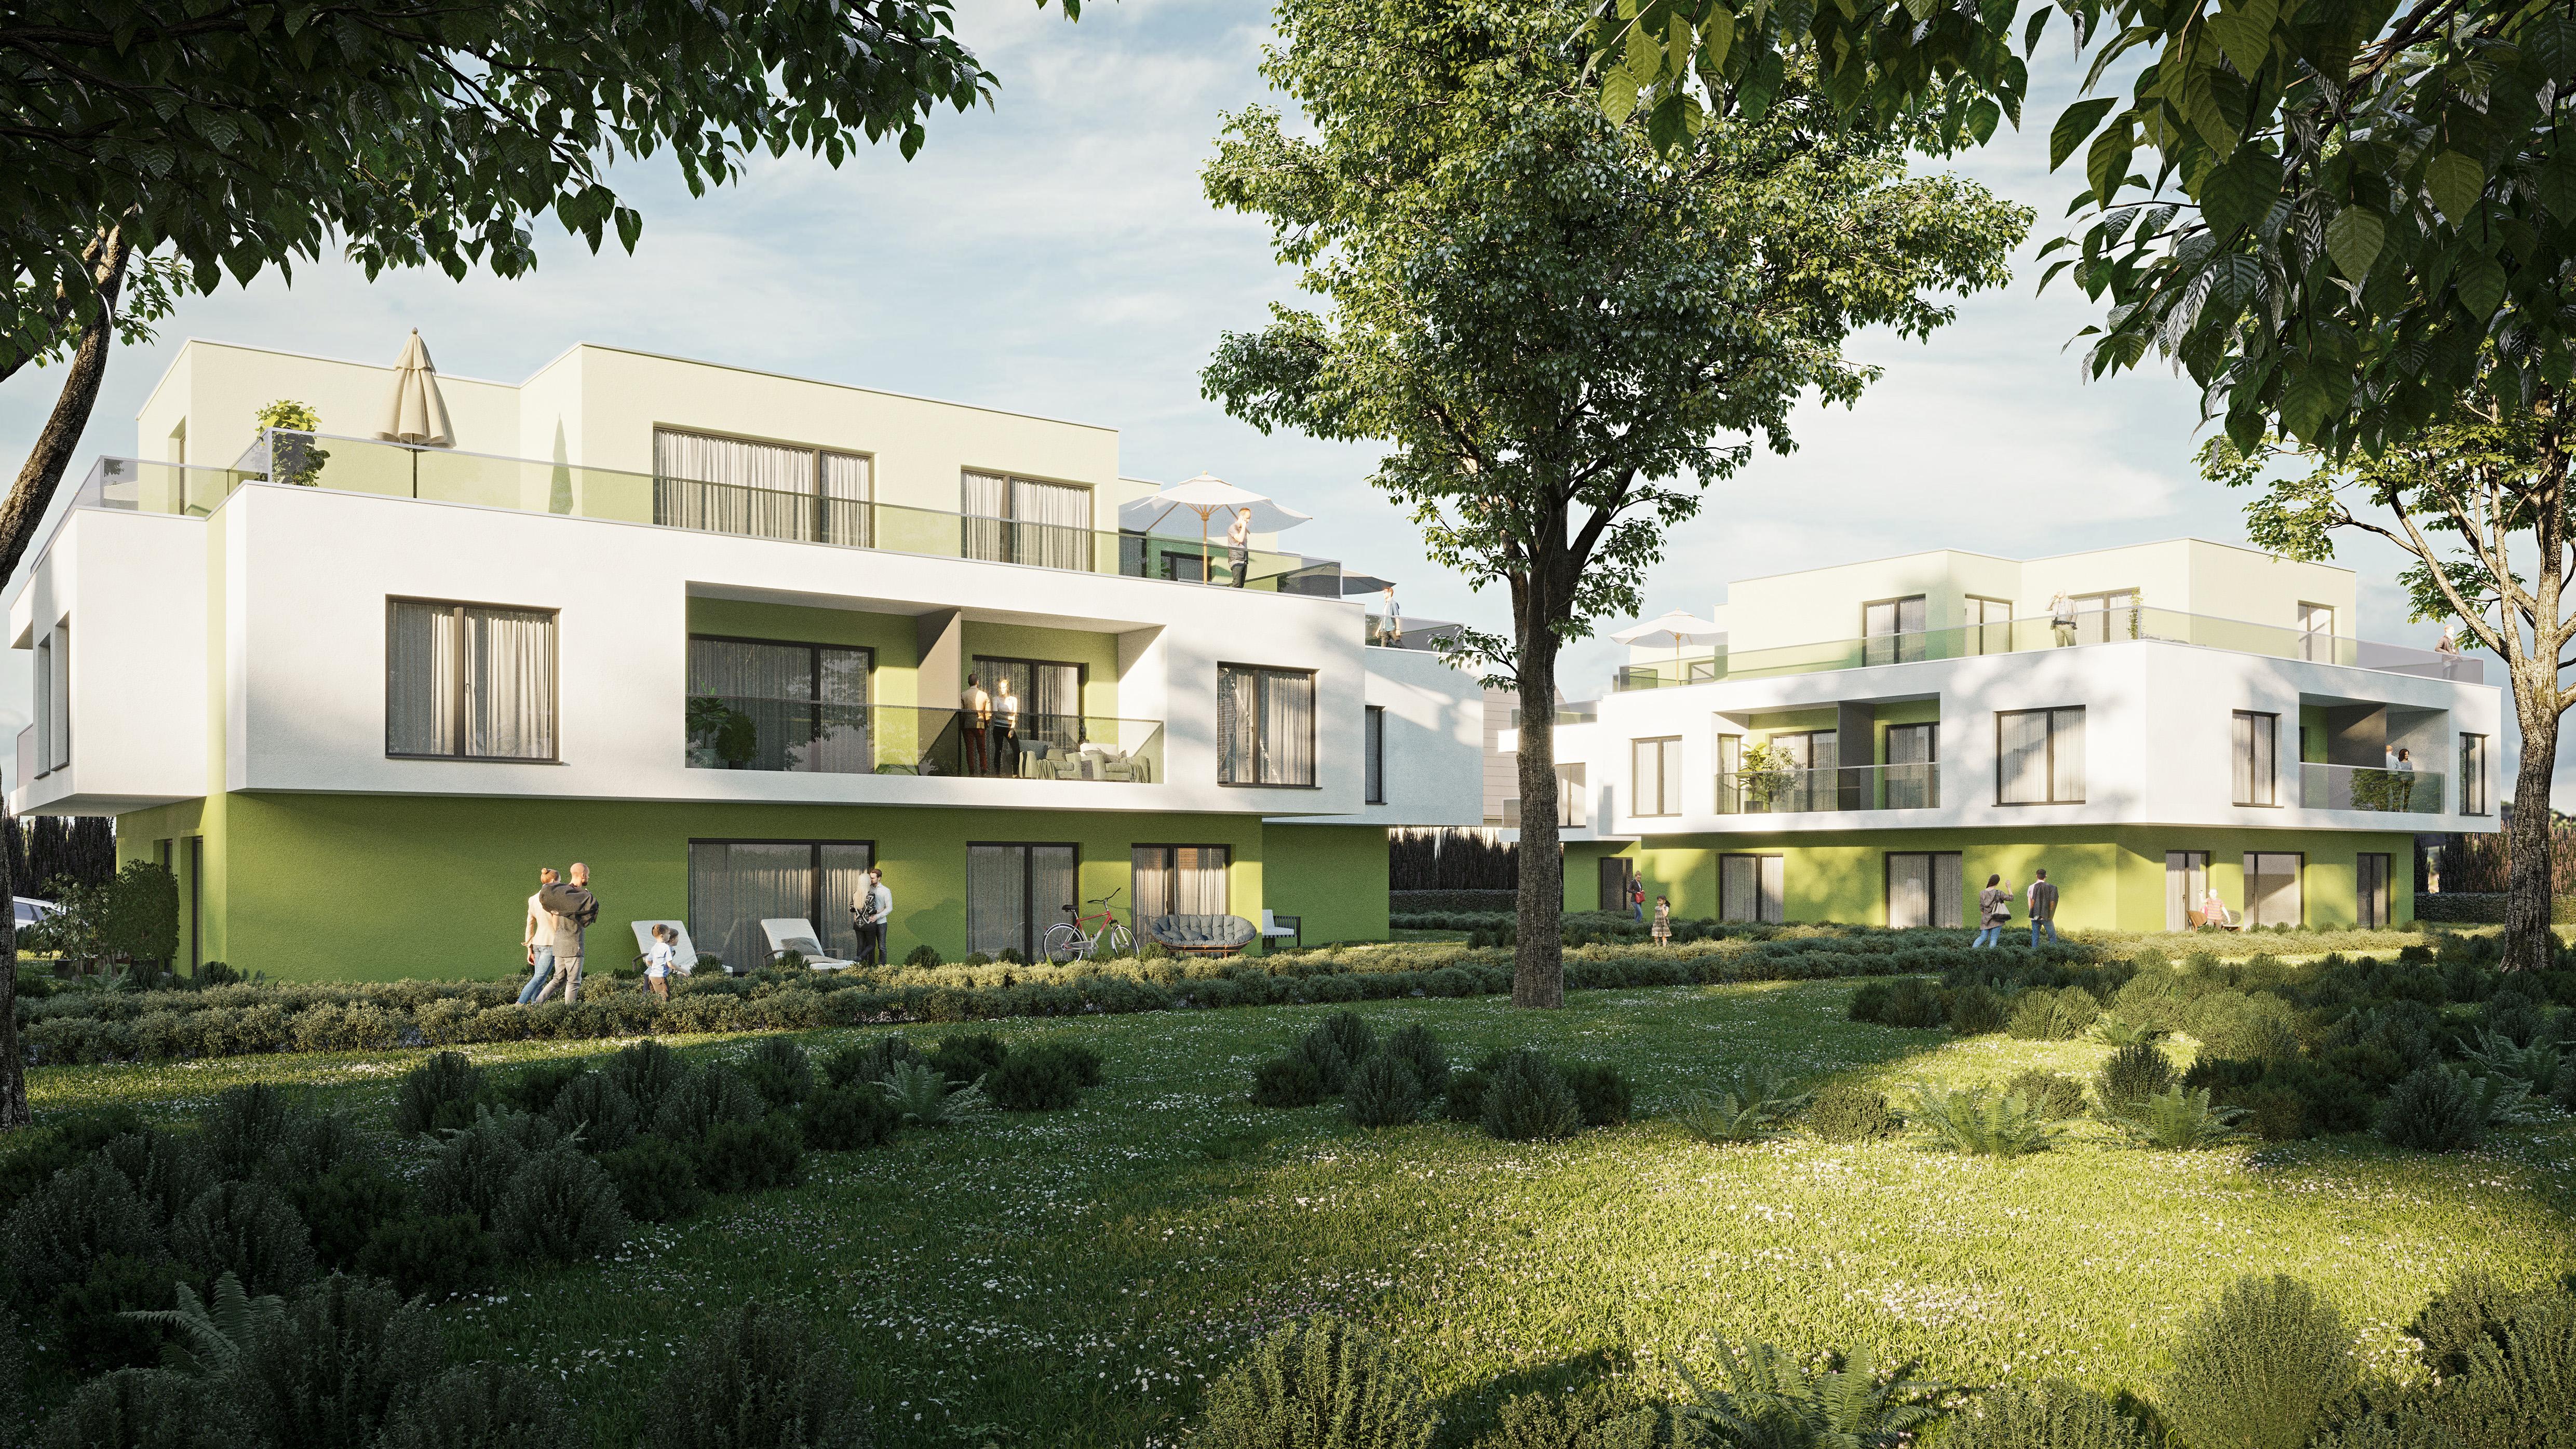 Vorentwurf/Rendering/Visualisierung einer Wohnhausanlage in Wien von den Paschinger Architekten aus Wien.